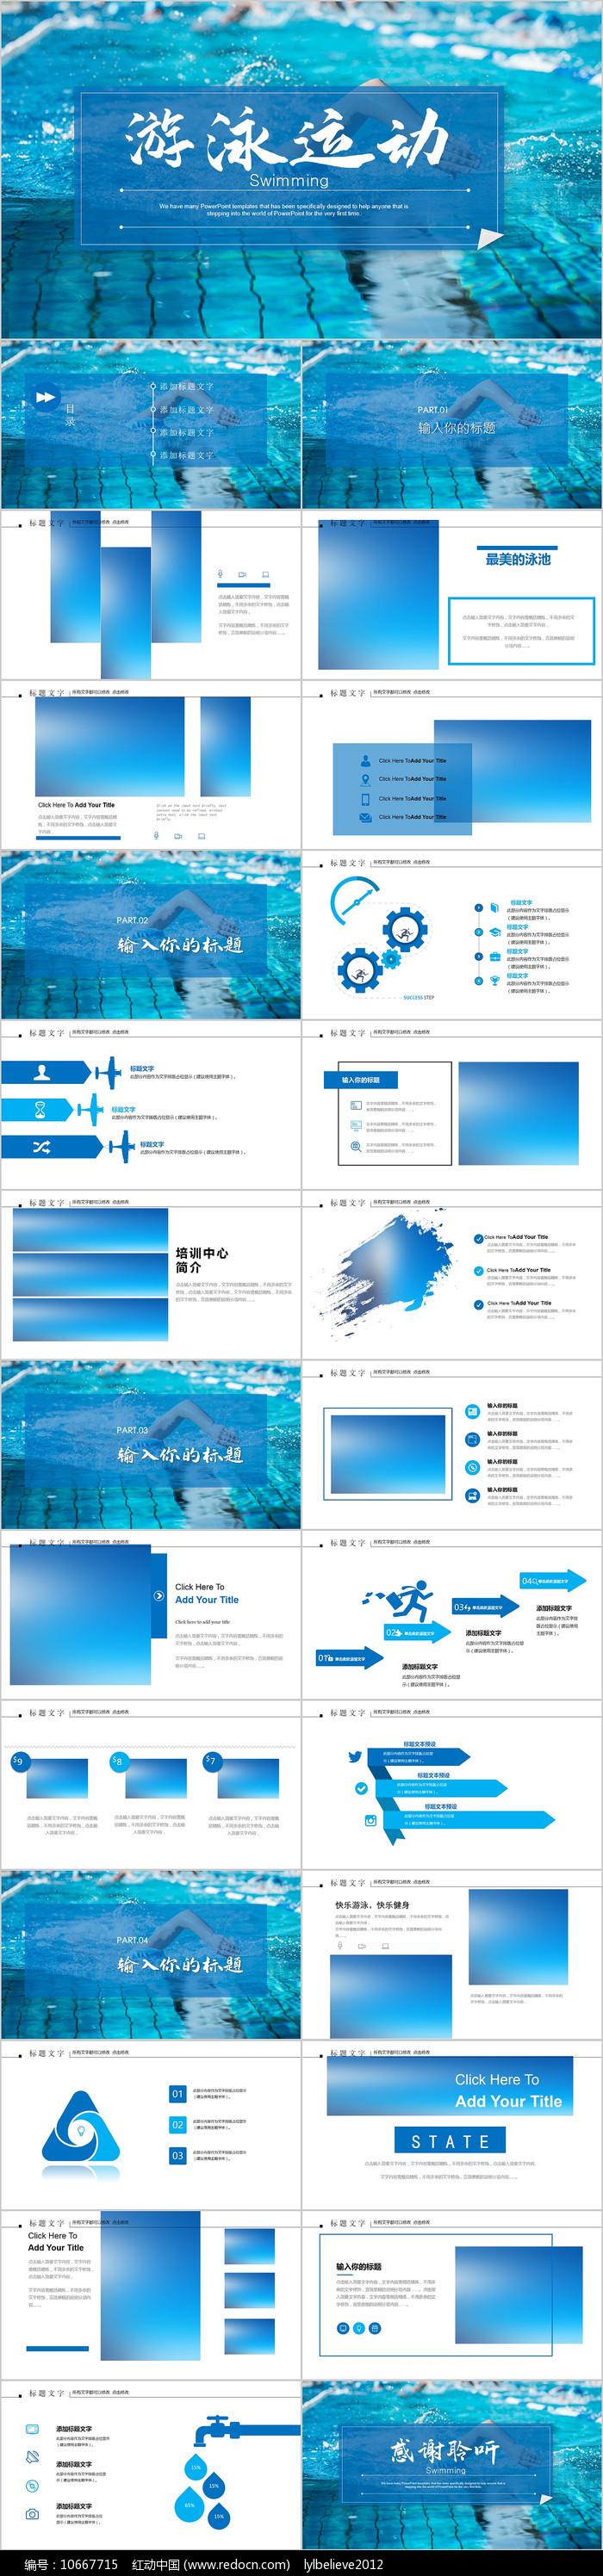 游泳运动游泳培训游泳比赛活动PPT图片